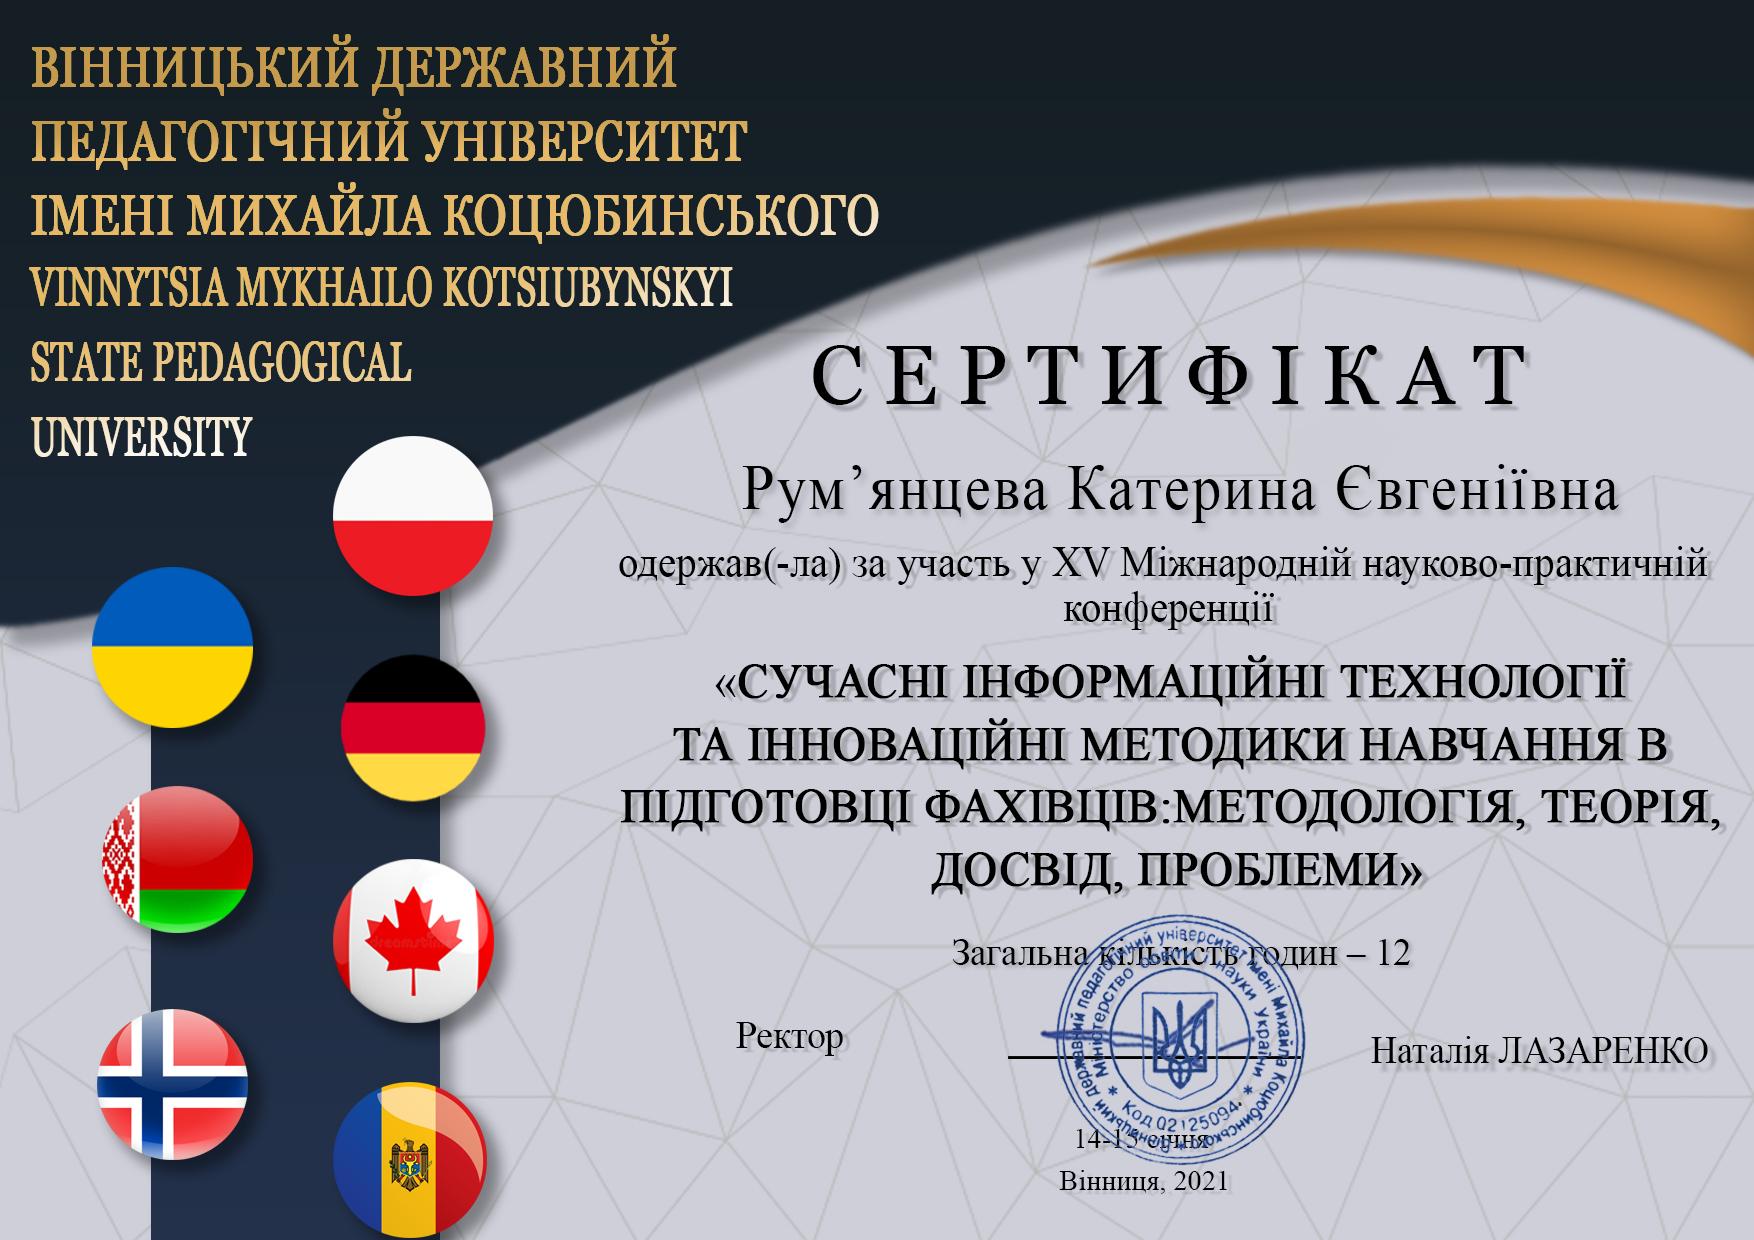 Рум'янцева Катерина Євгеніївна